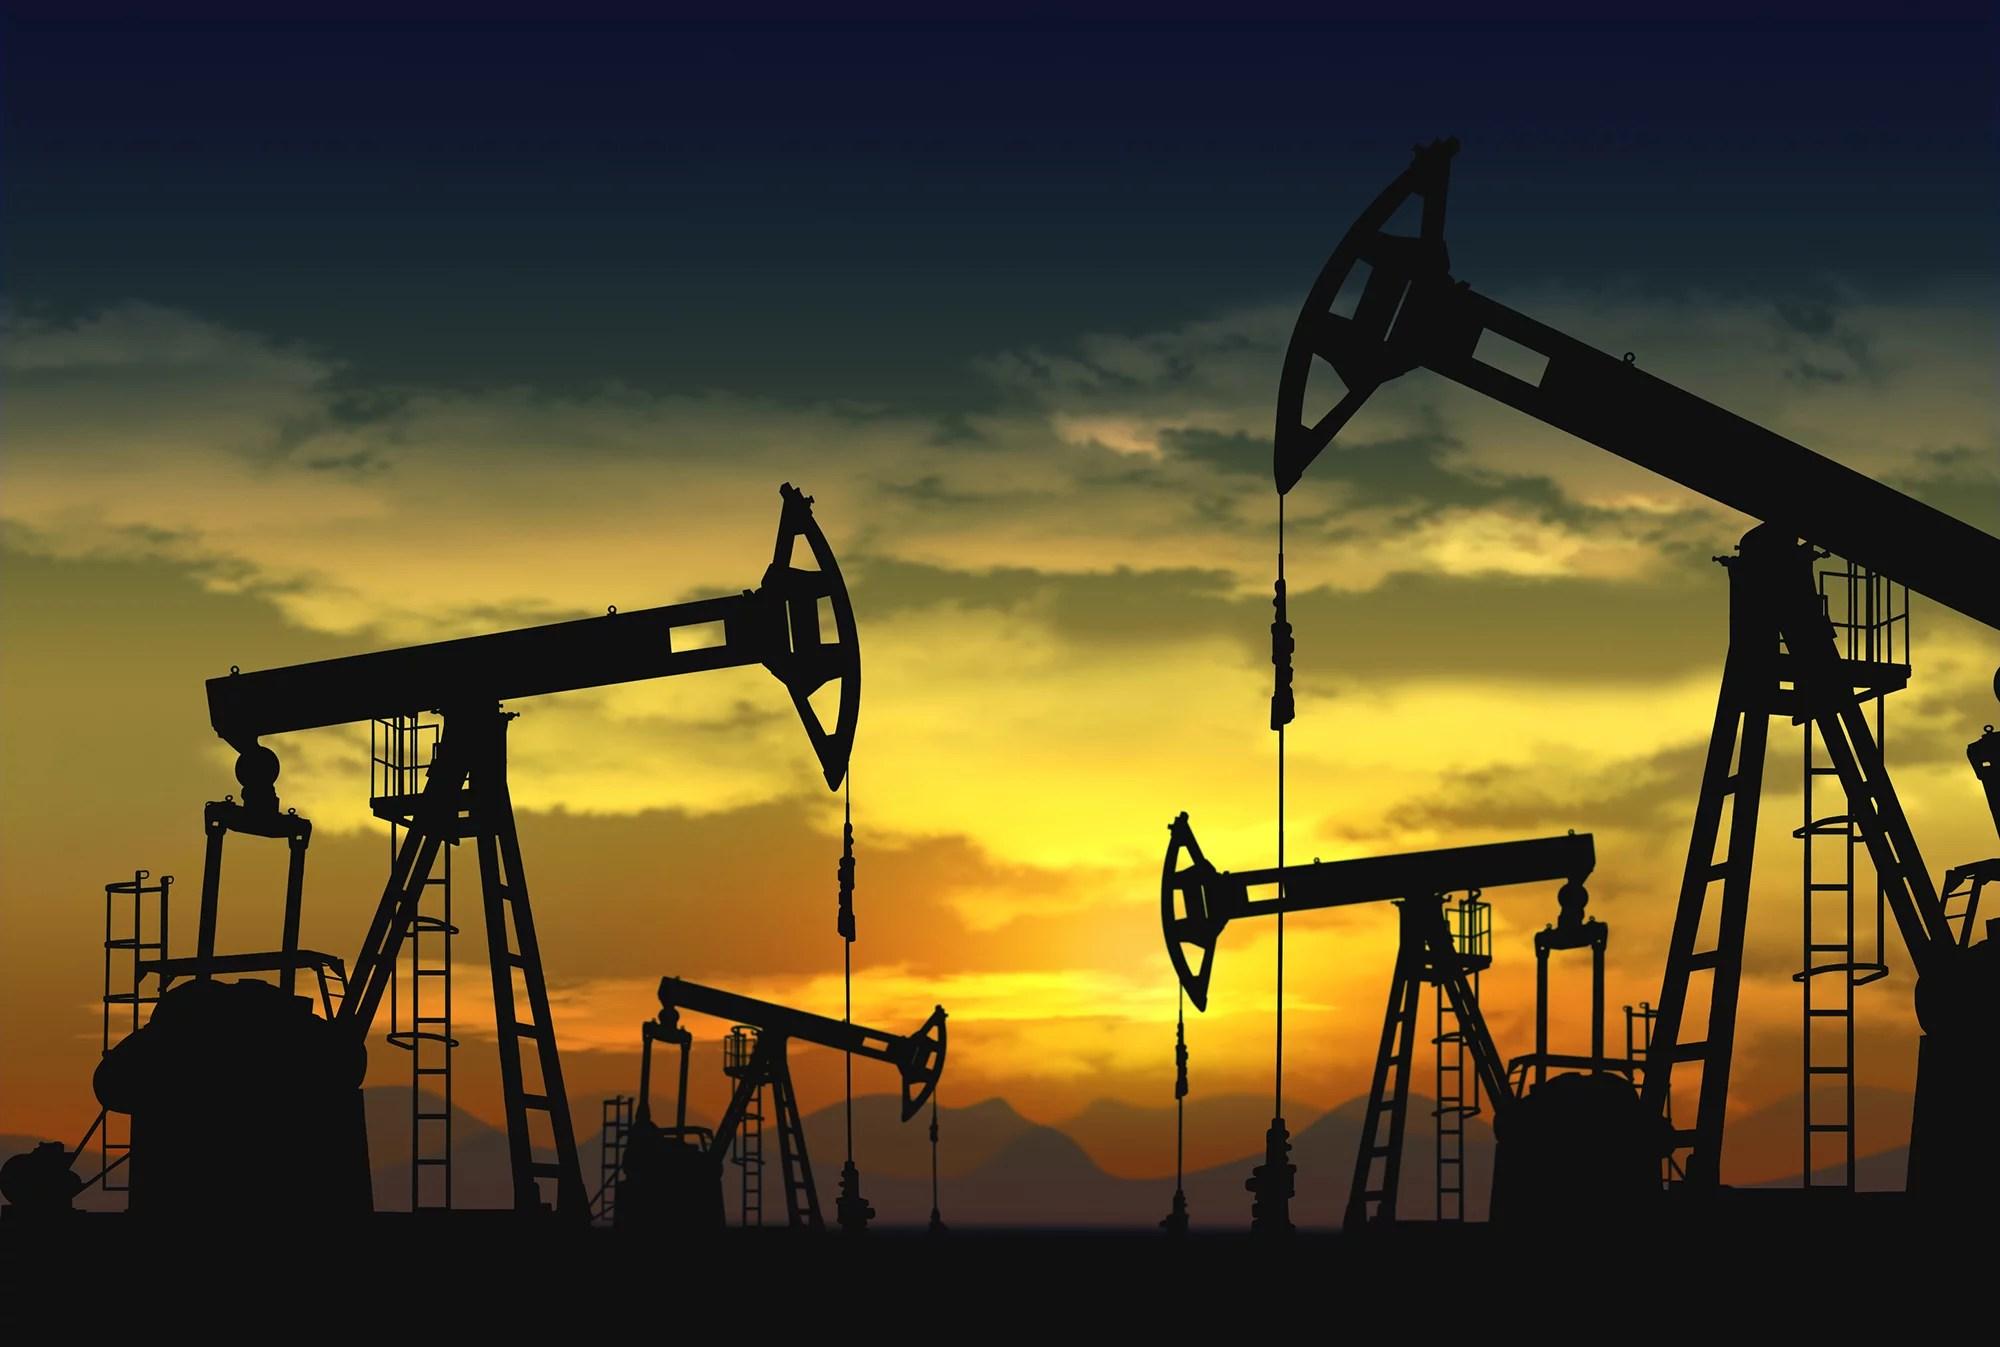 Gobierno de Venezuela presentará el Petro como unidad de transacción ante la OPEP en 2019